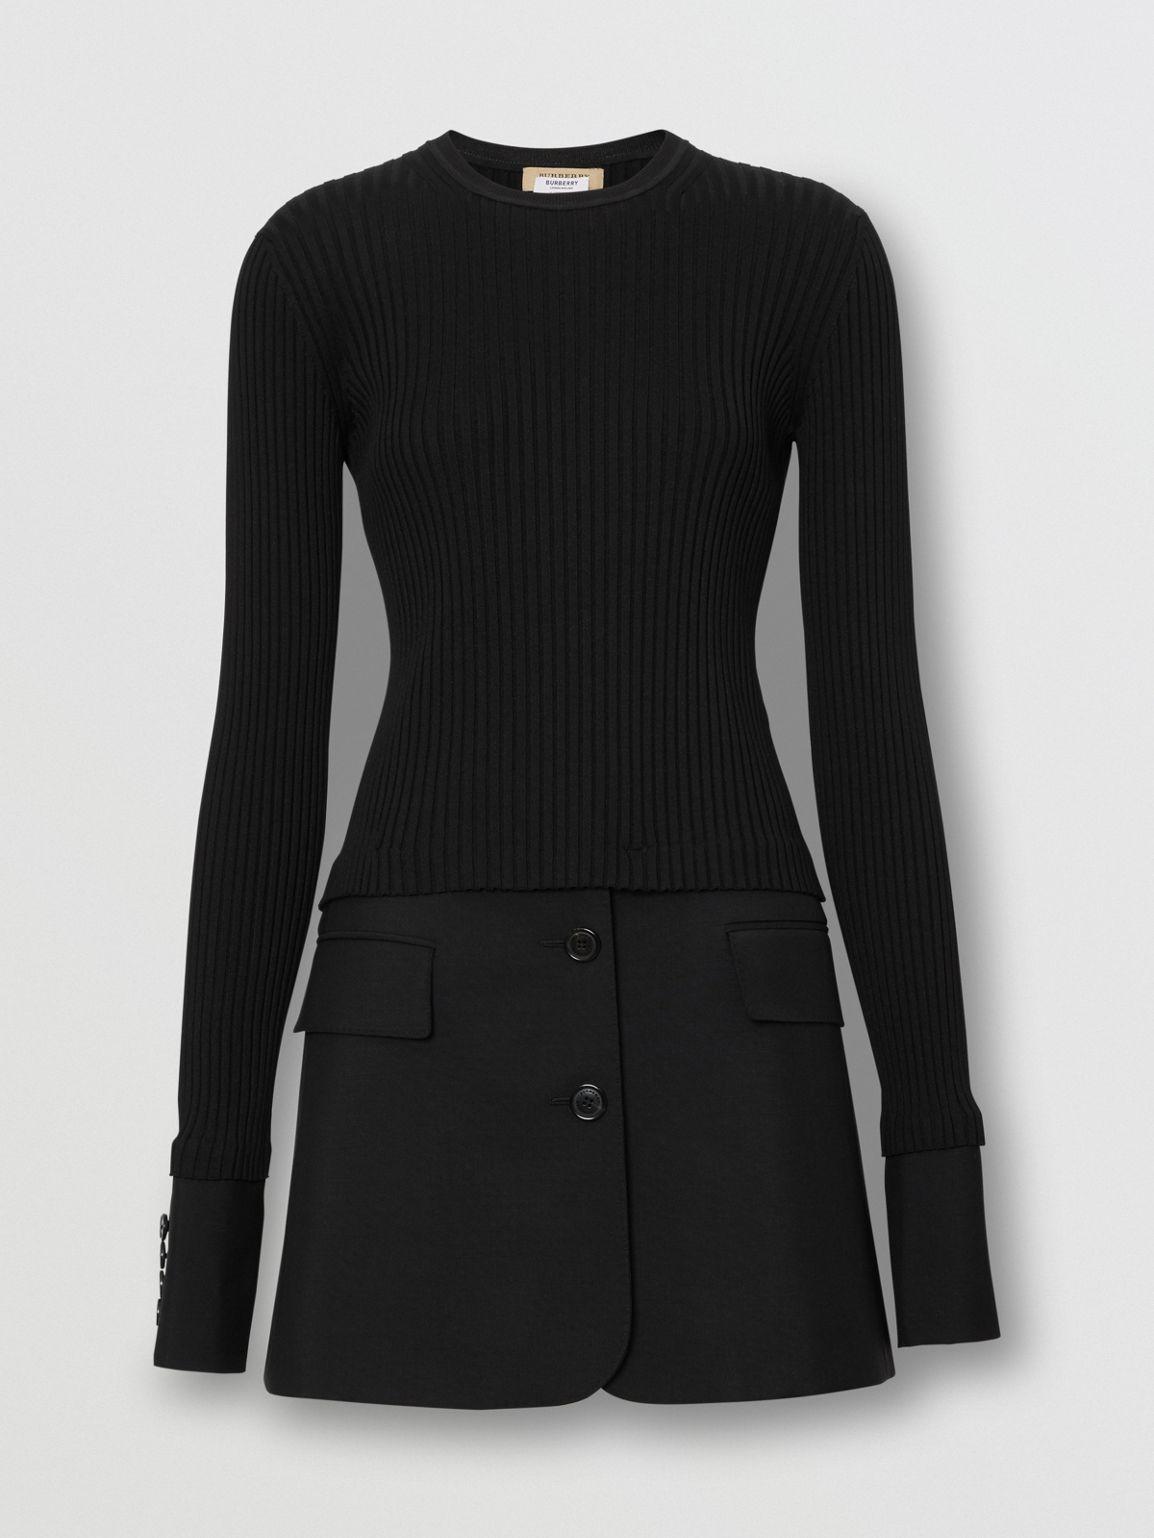 burberry wool knit dress